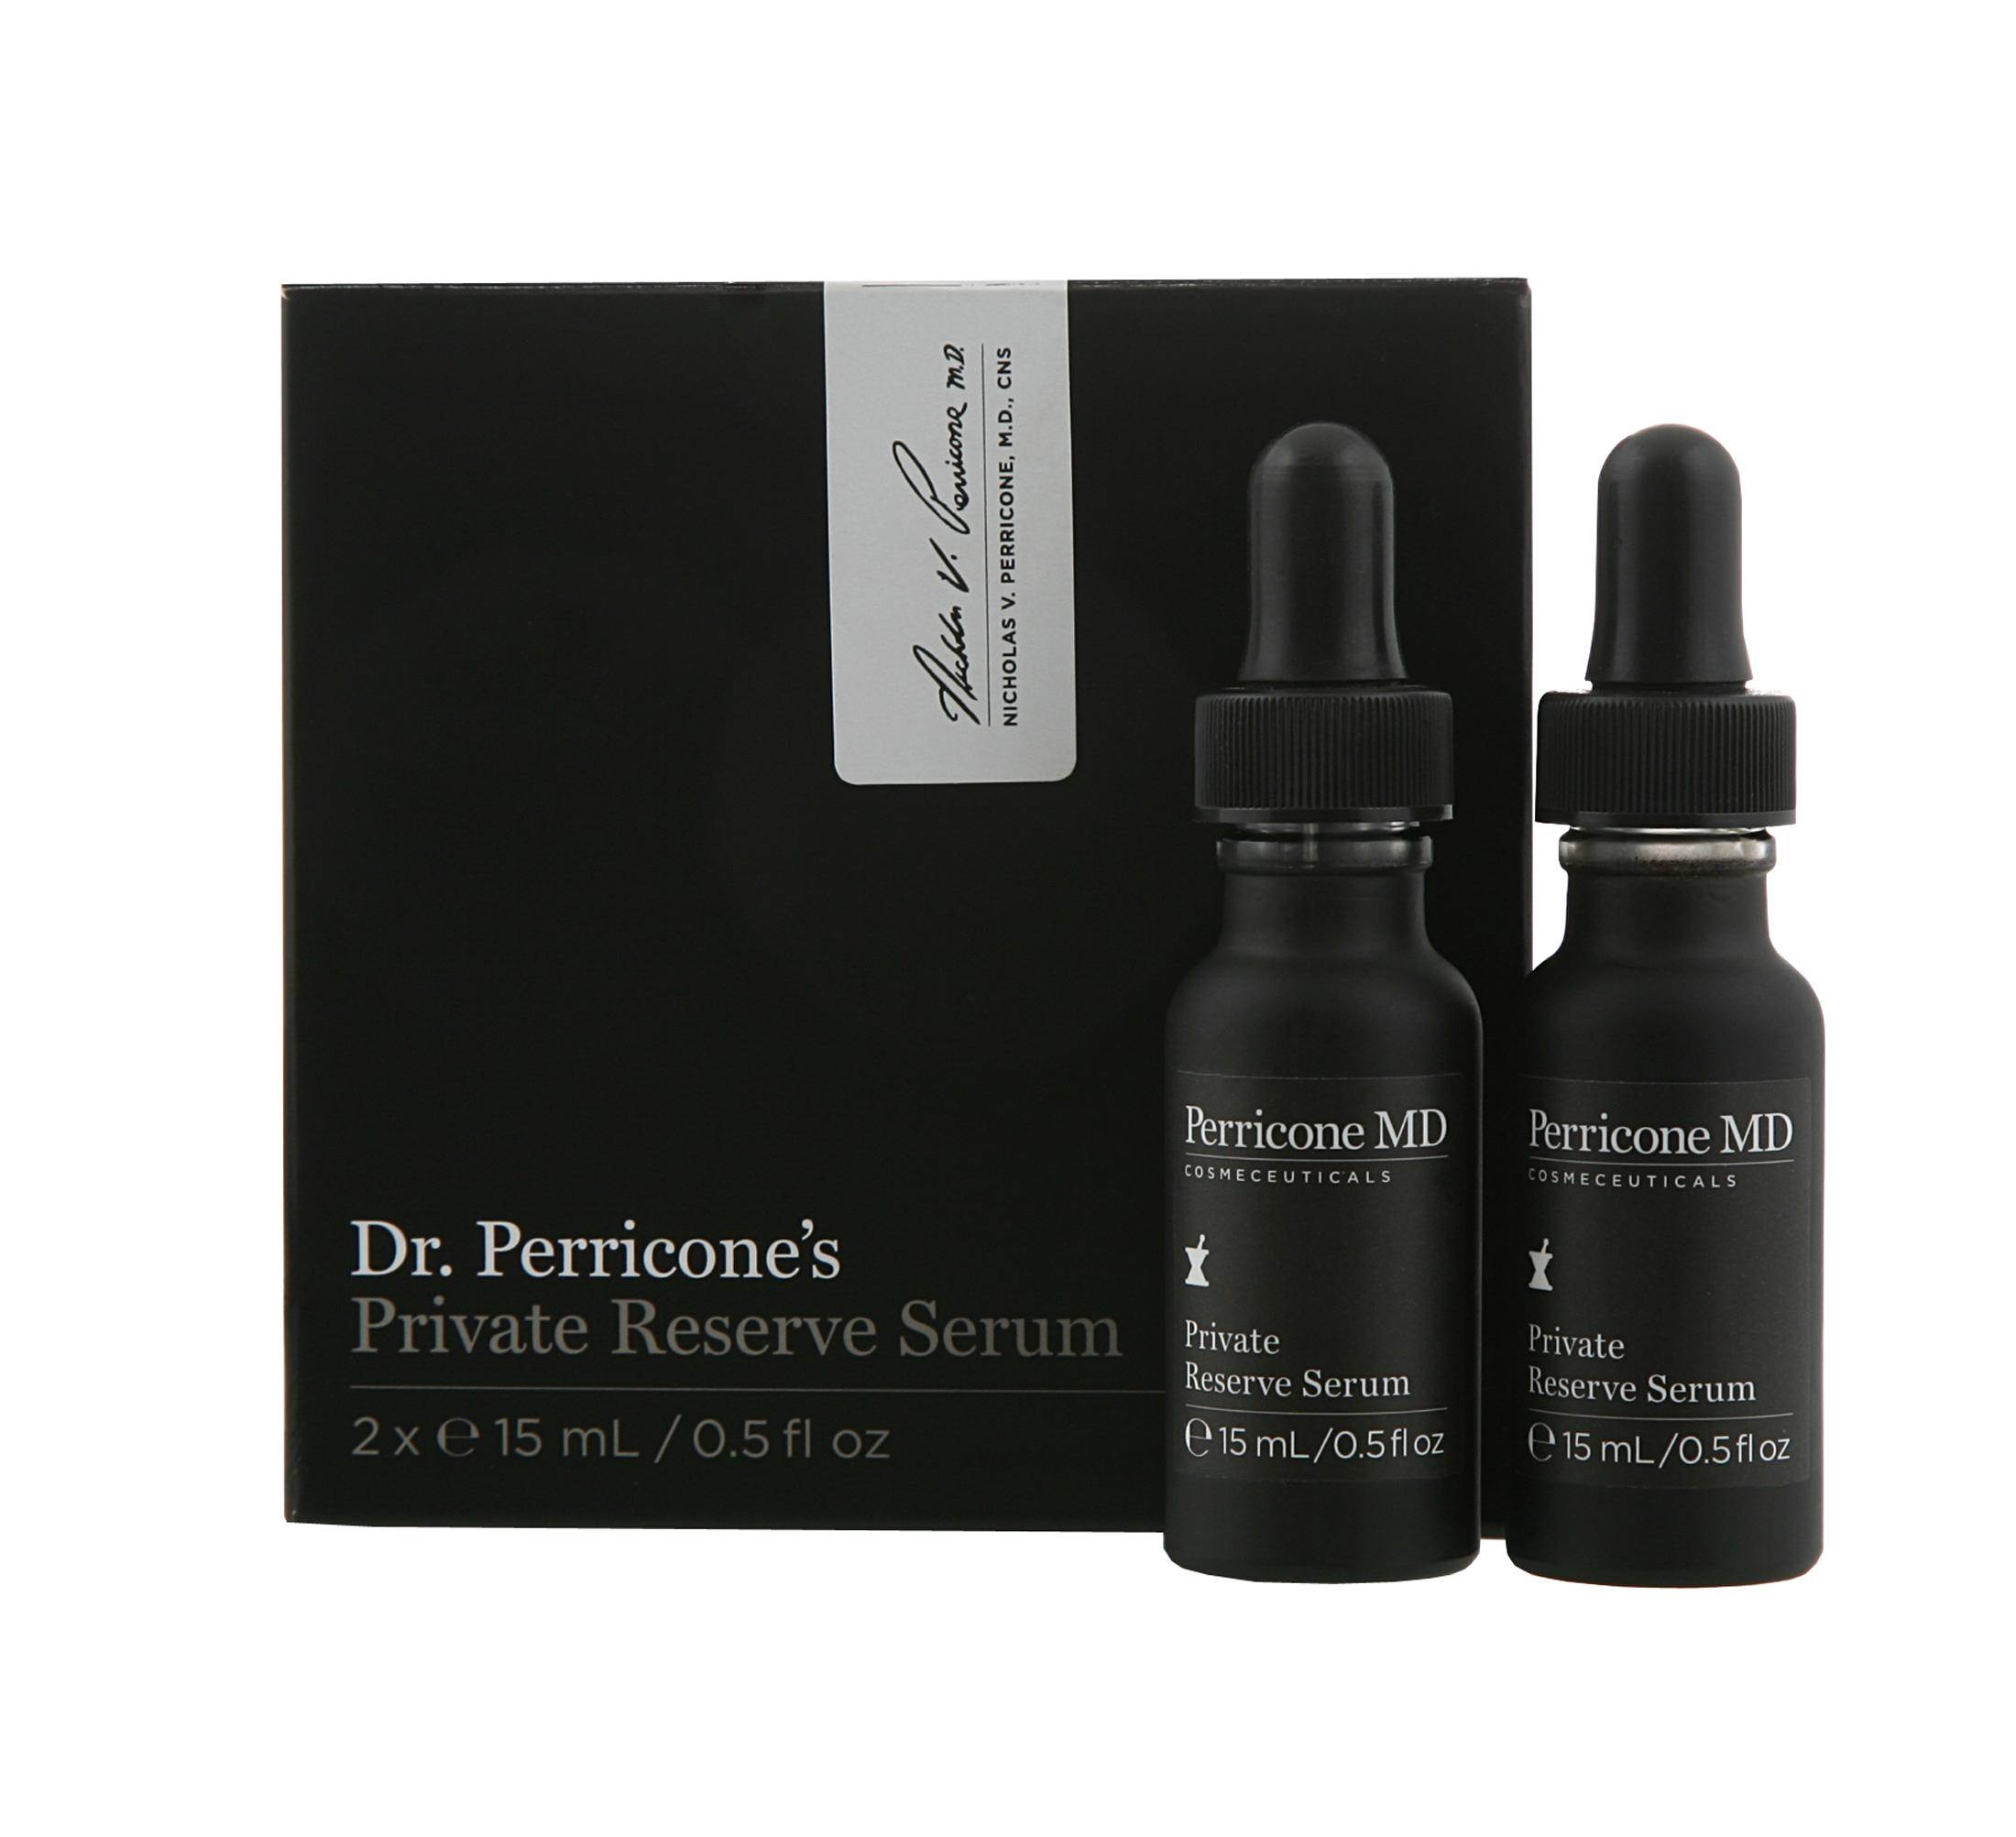 dr. nicholas v. perricone md